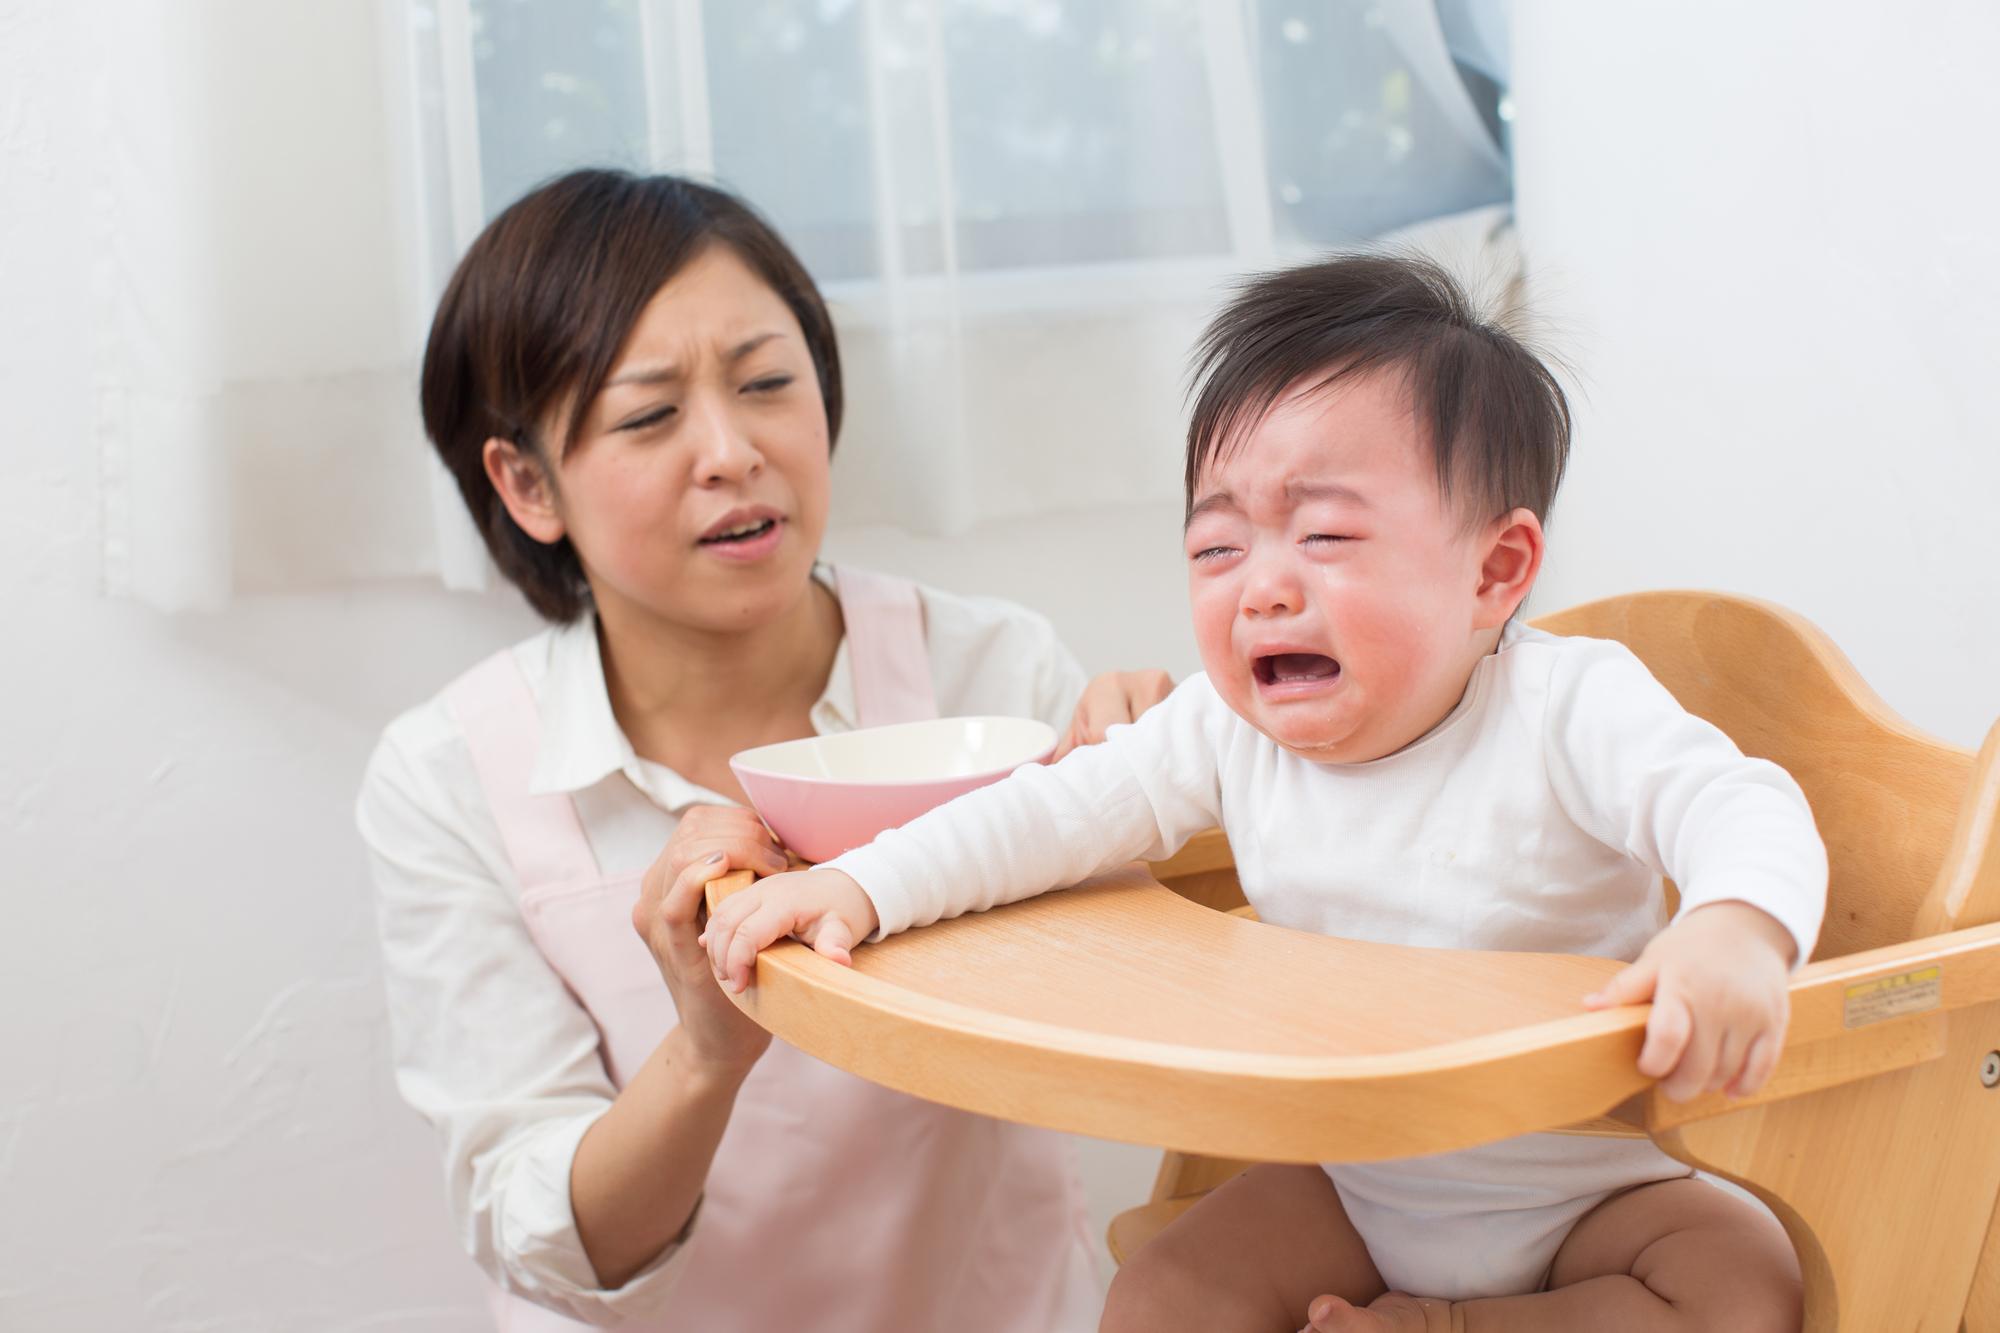 イヤイヤ期の園児に困ったときの保育士ができる対処法